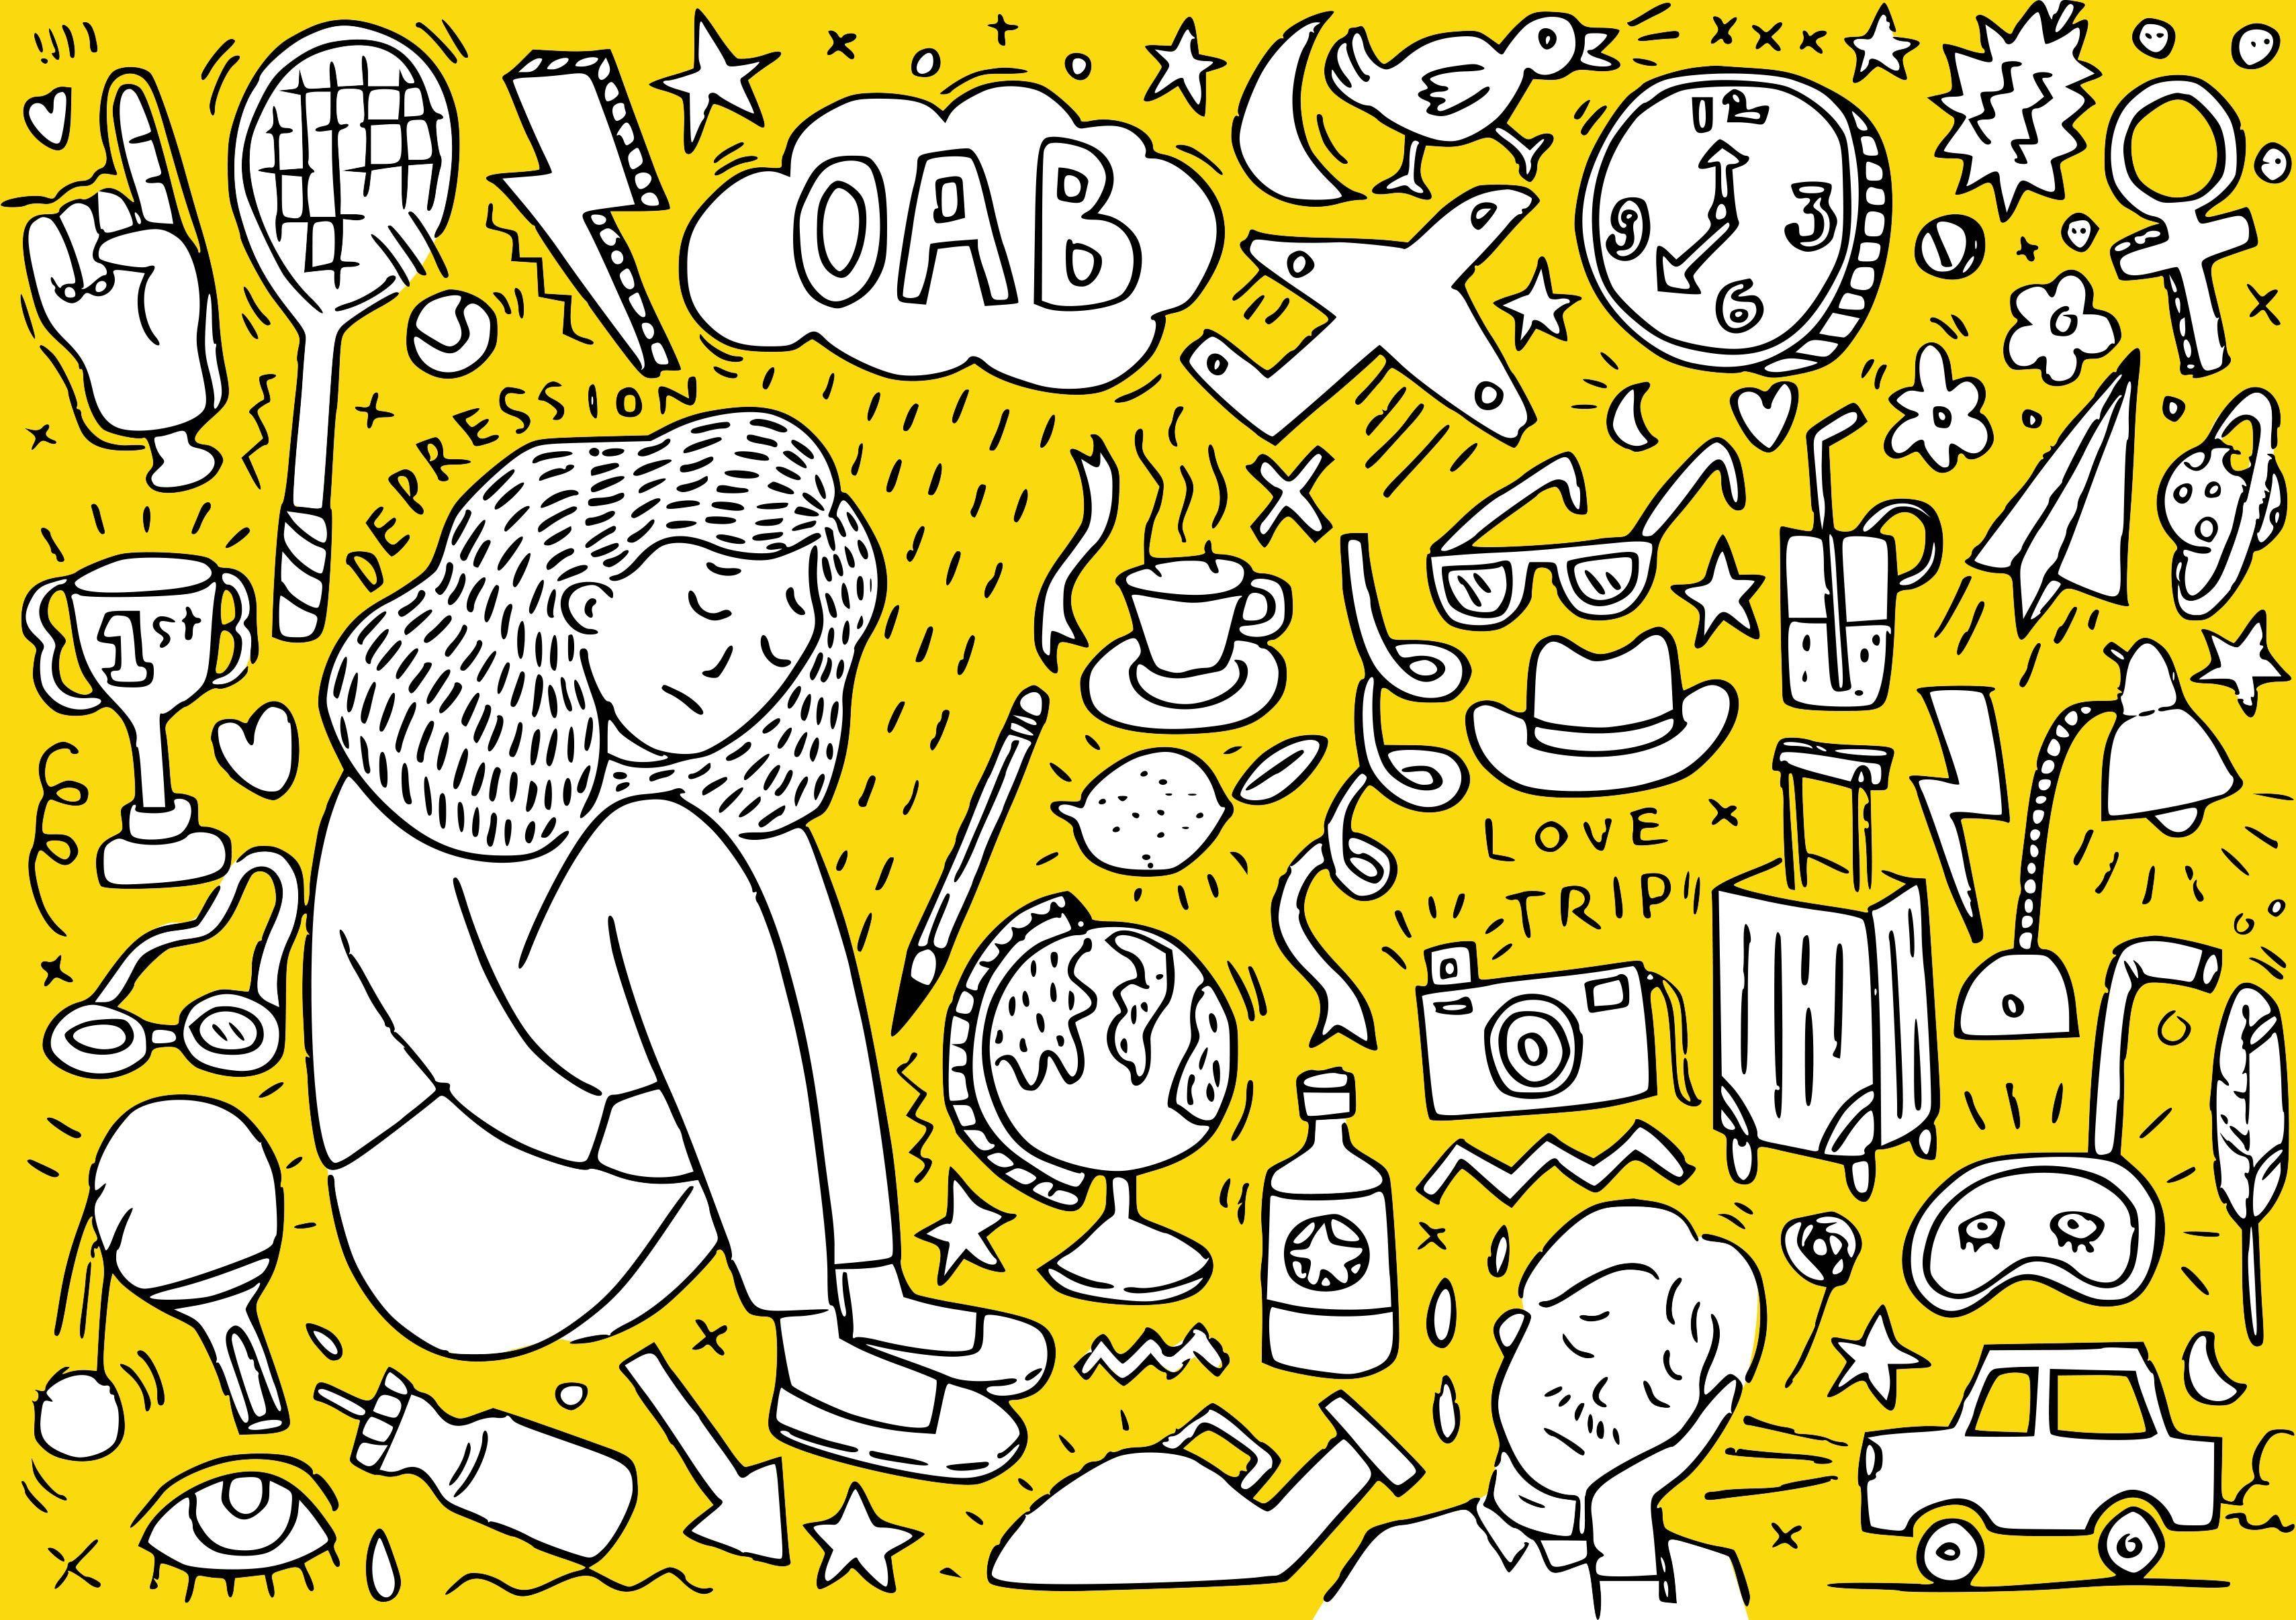 OAB ส่งผลต่อชีวิตคุณได้อย่างไร...